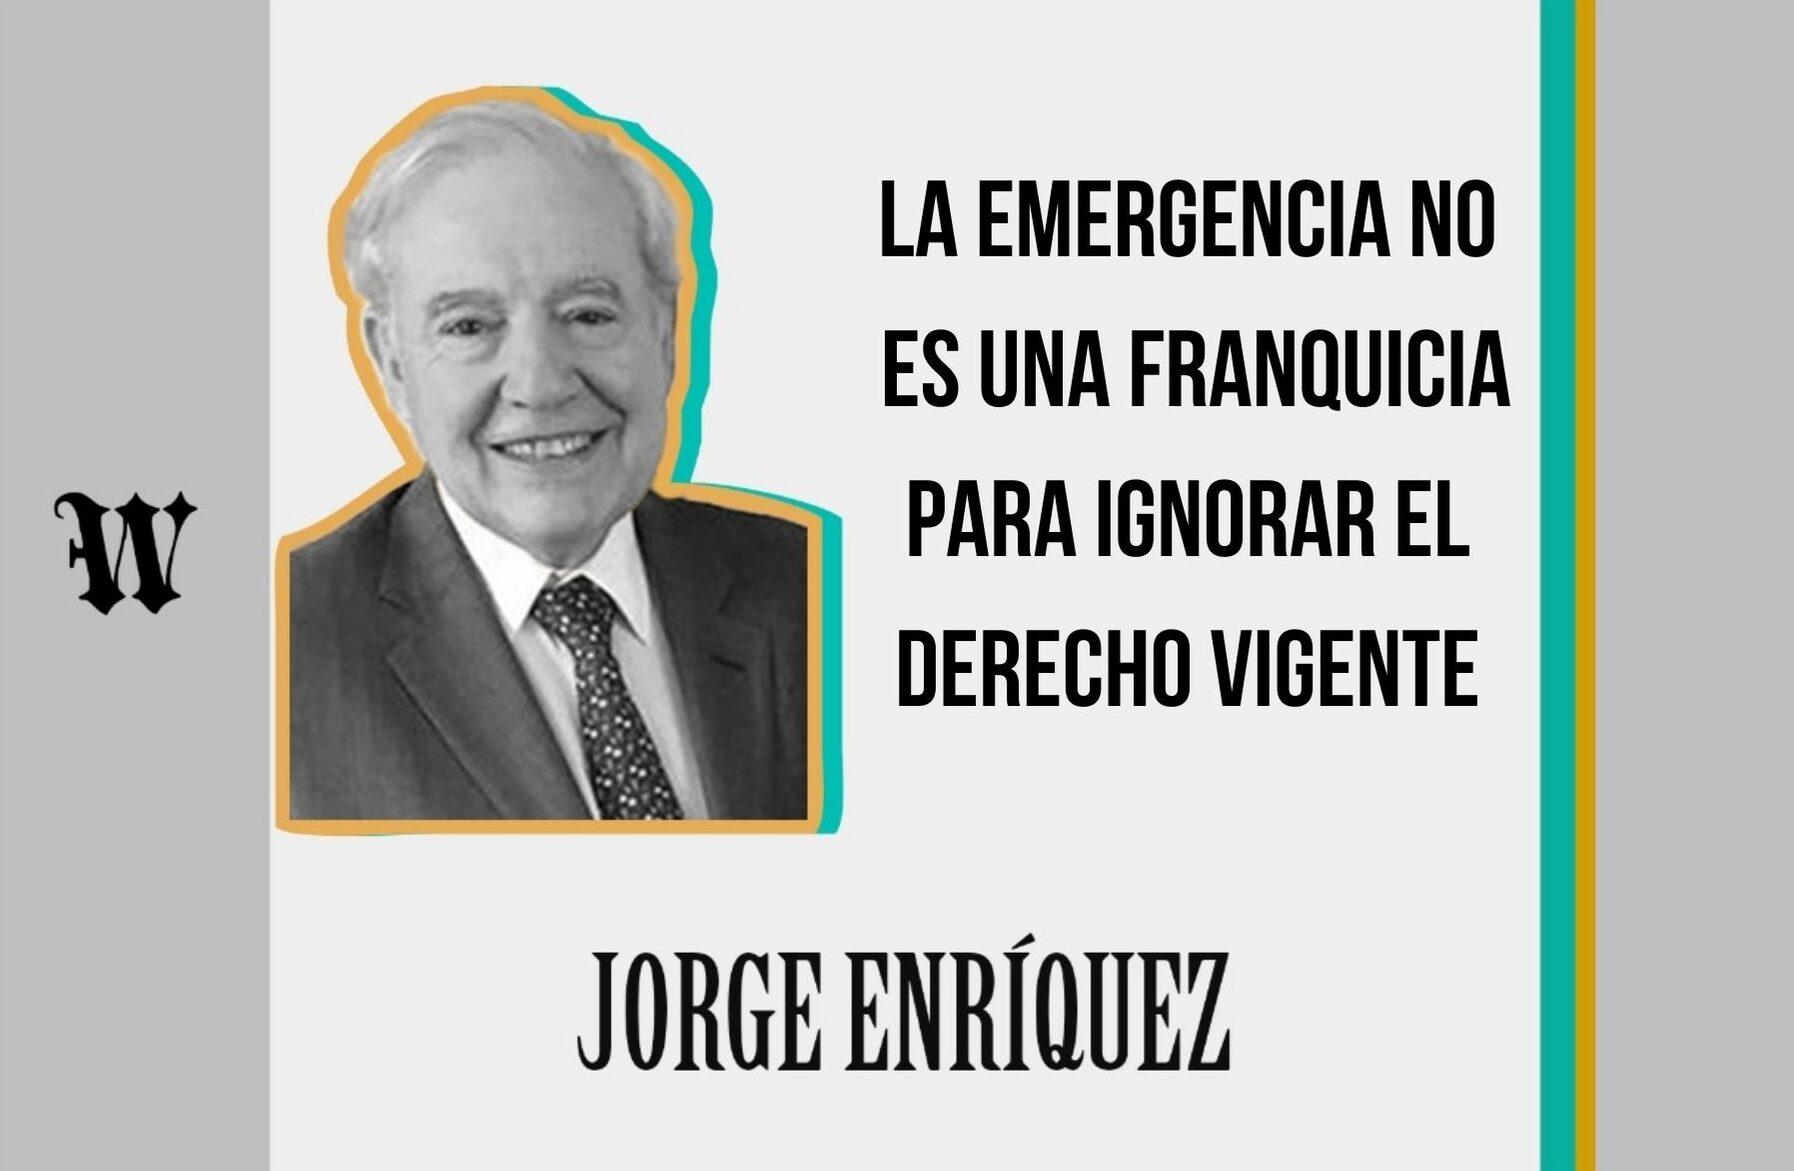 La emergencia no es una franquicia para ignorar el derecho vigente